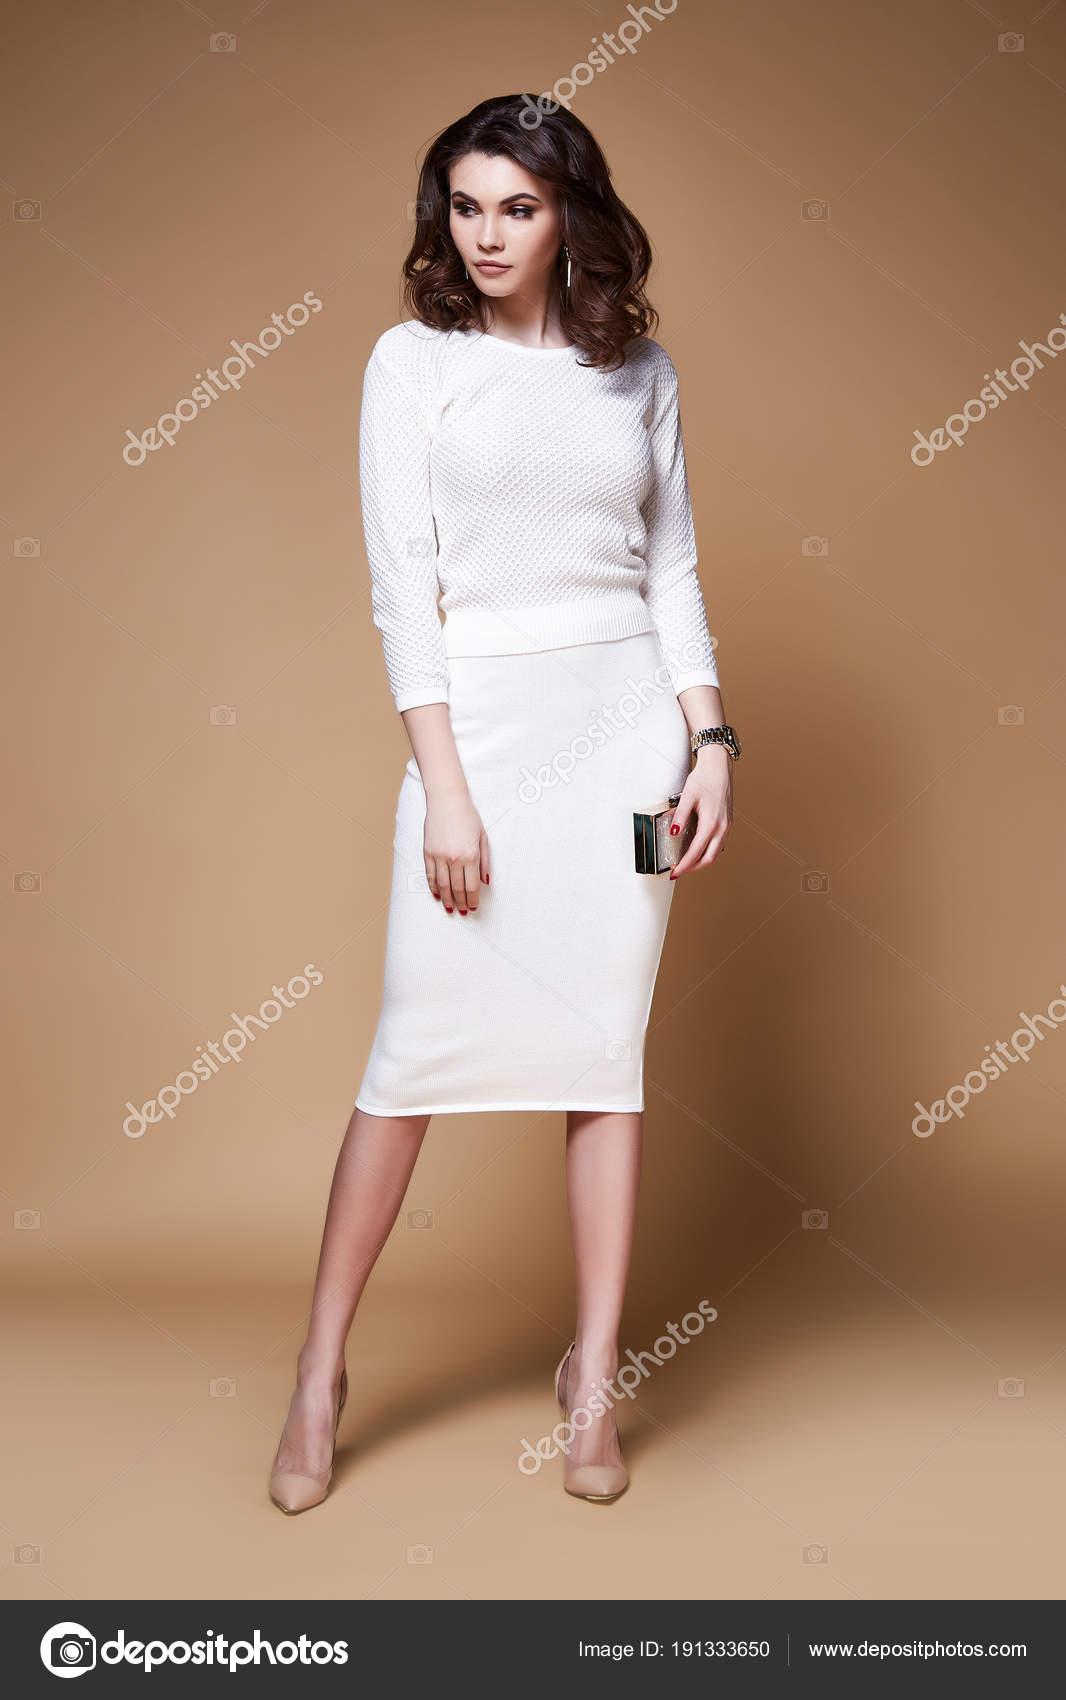 Sexy Schönheit Frau hübsches Gesicht Bräune Haut tragen weiße ...